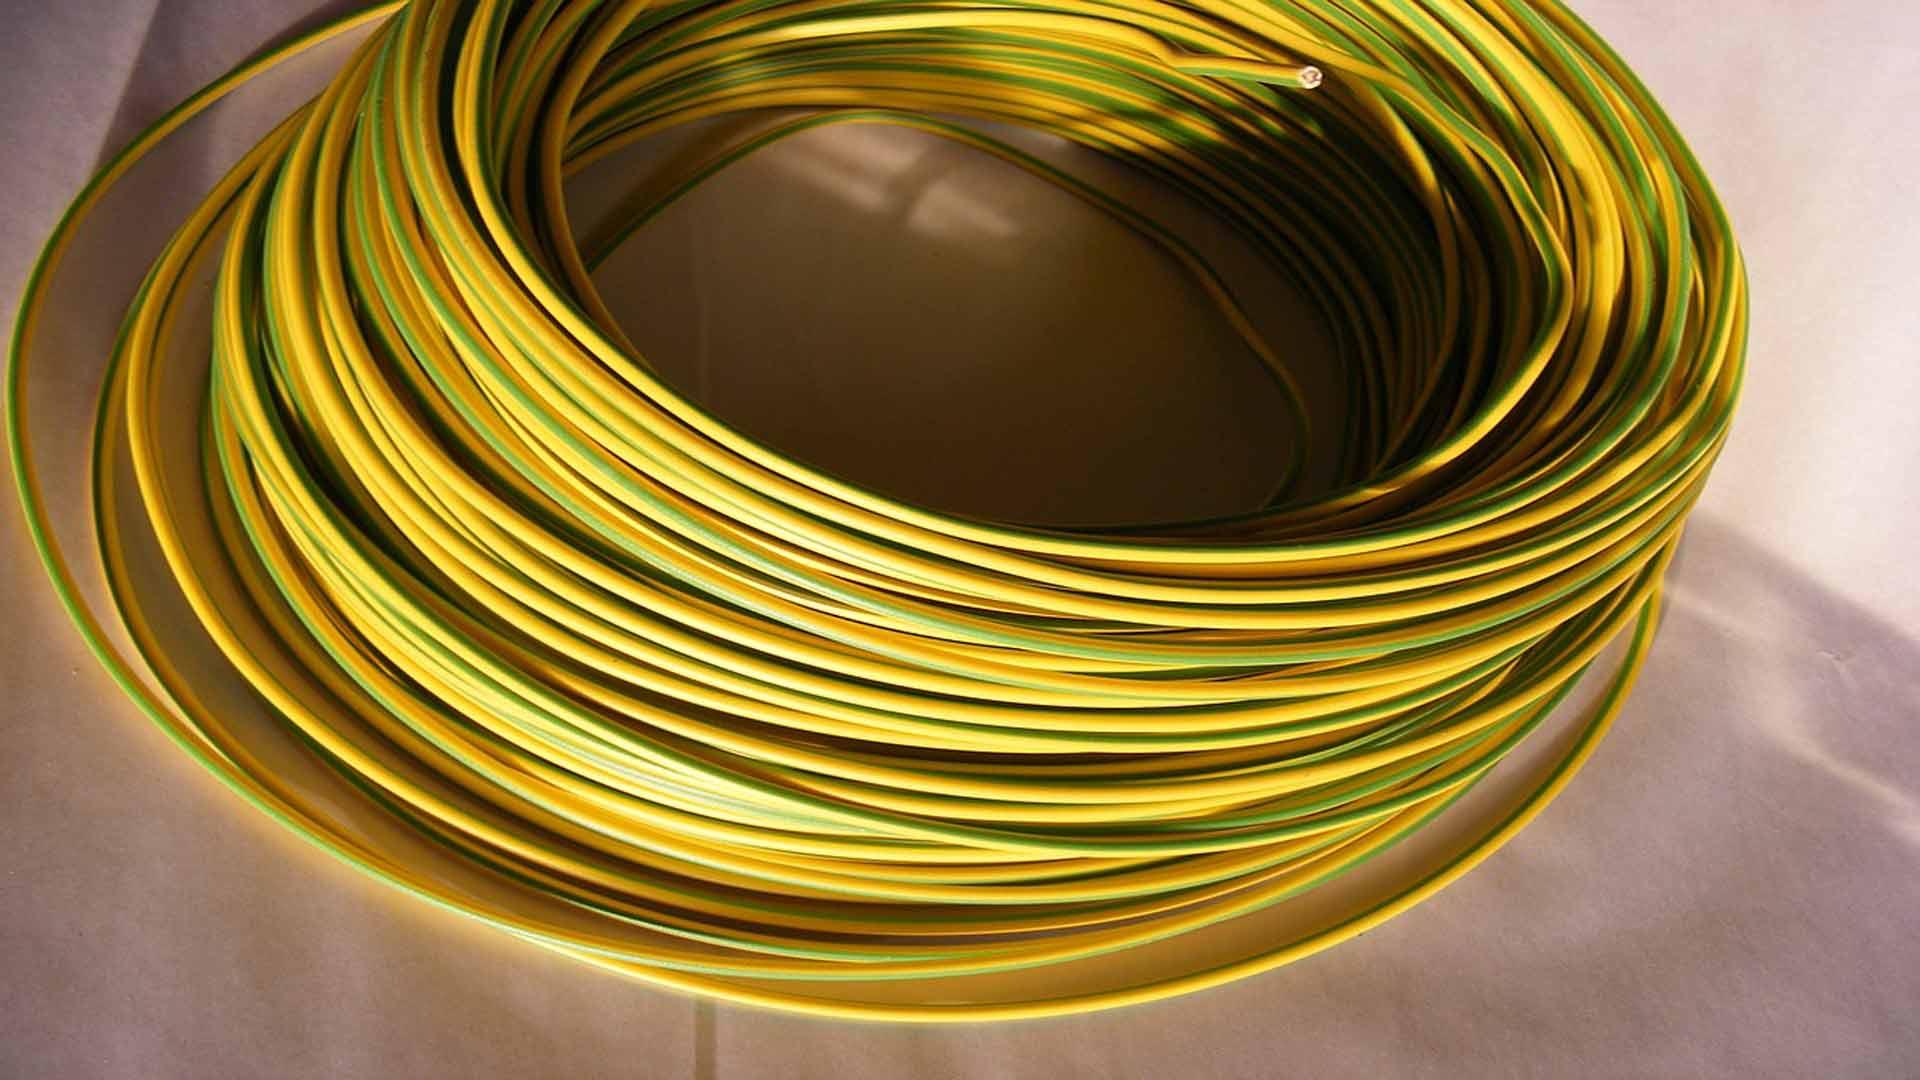 la-energia-sin-cables-1920